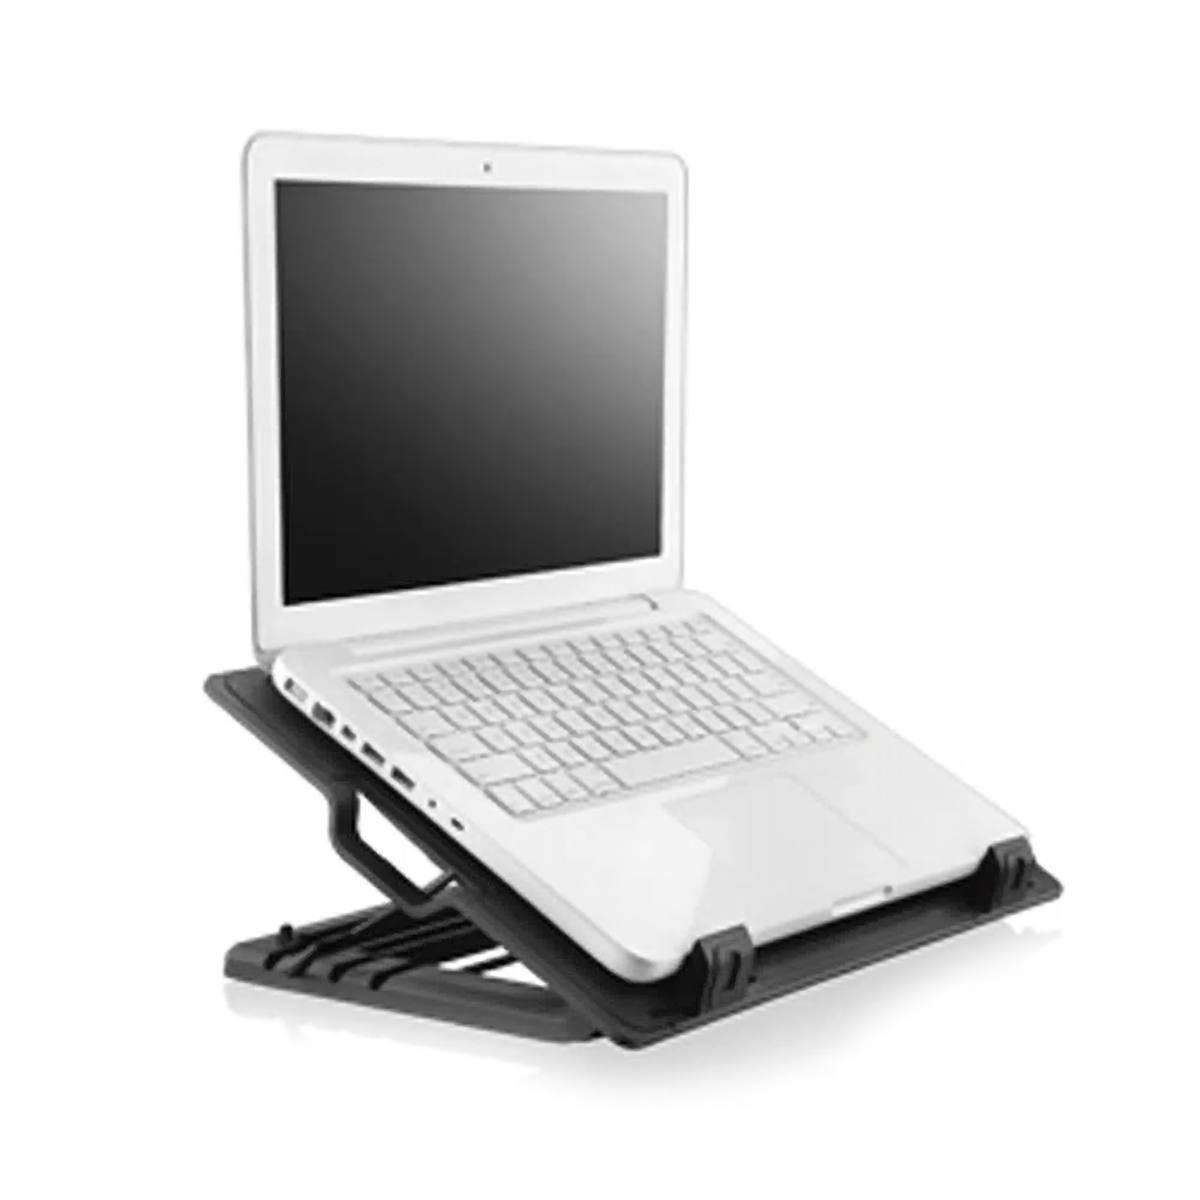 """Base para Notebook de 9"""" a 17"""" com Cooler Superfície em Metal 4 Ângulos de Inclinação 2 Portas USB Multilaser AC166"""